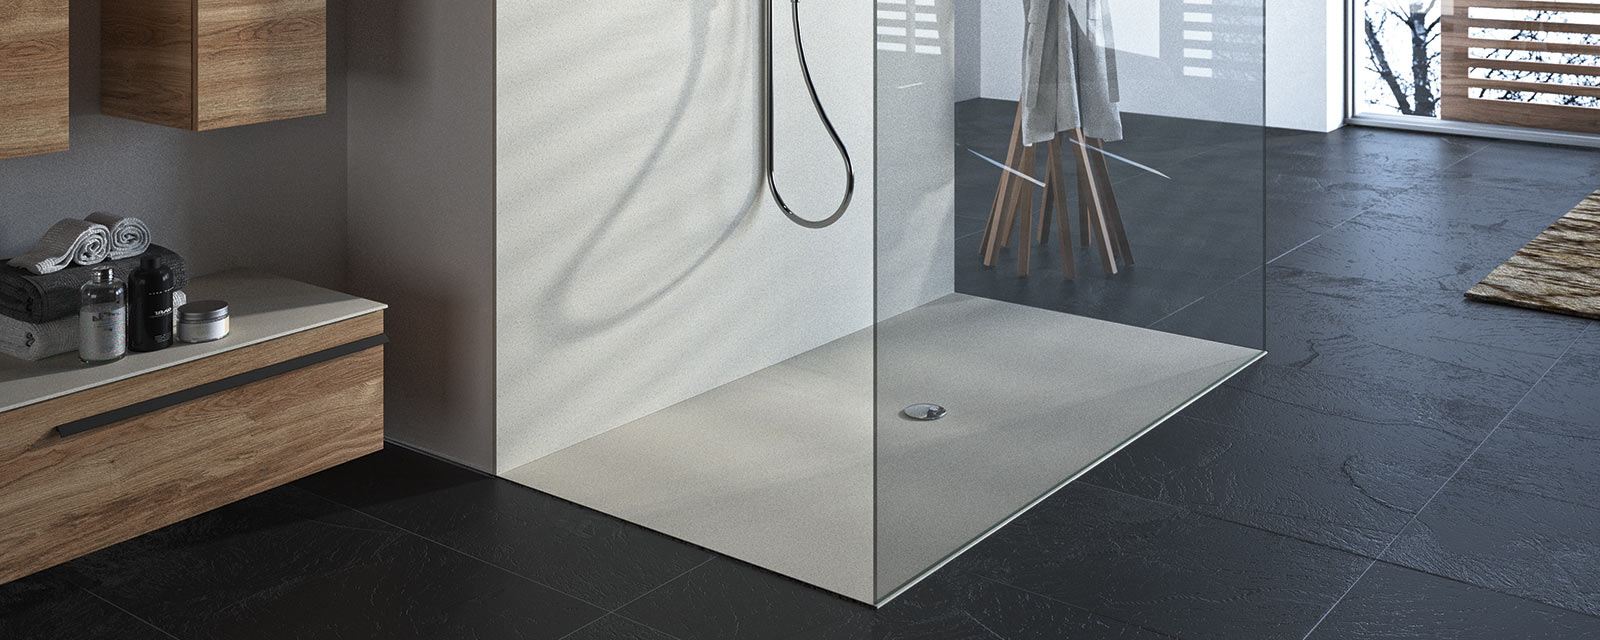 Choisir une douche italienne ou un receveur extra plat - Realisation d une douche a l italienne ...